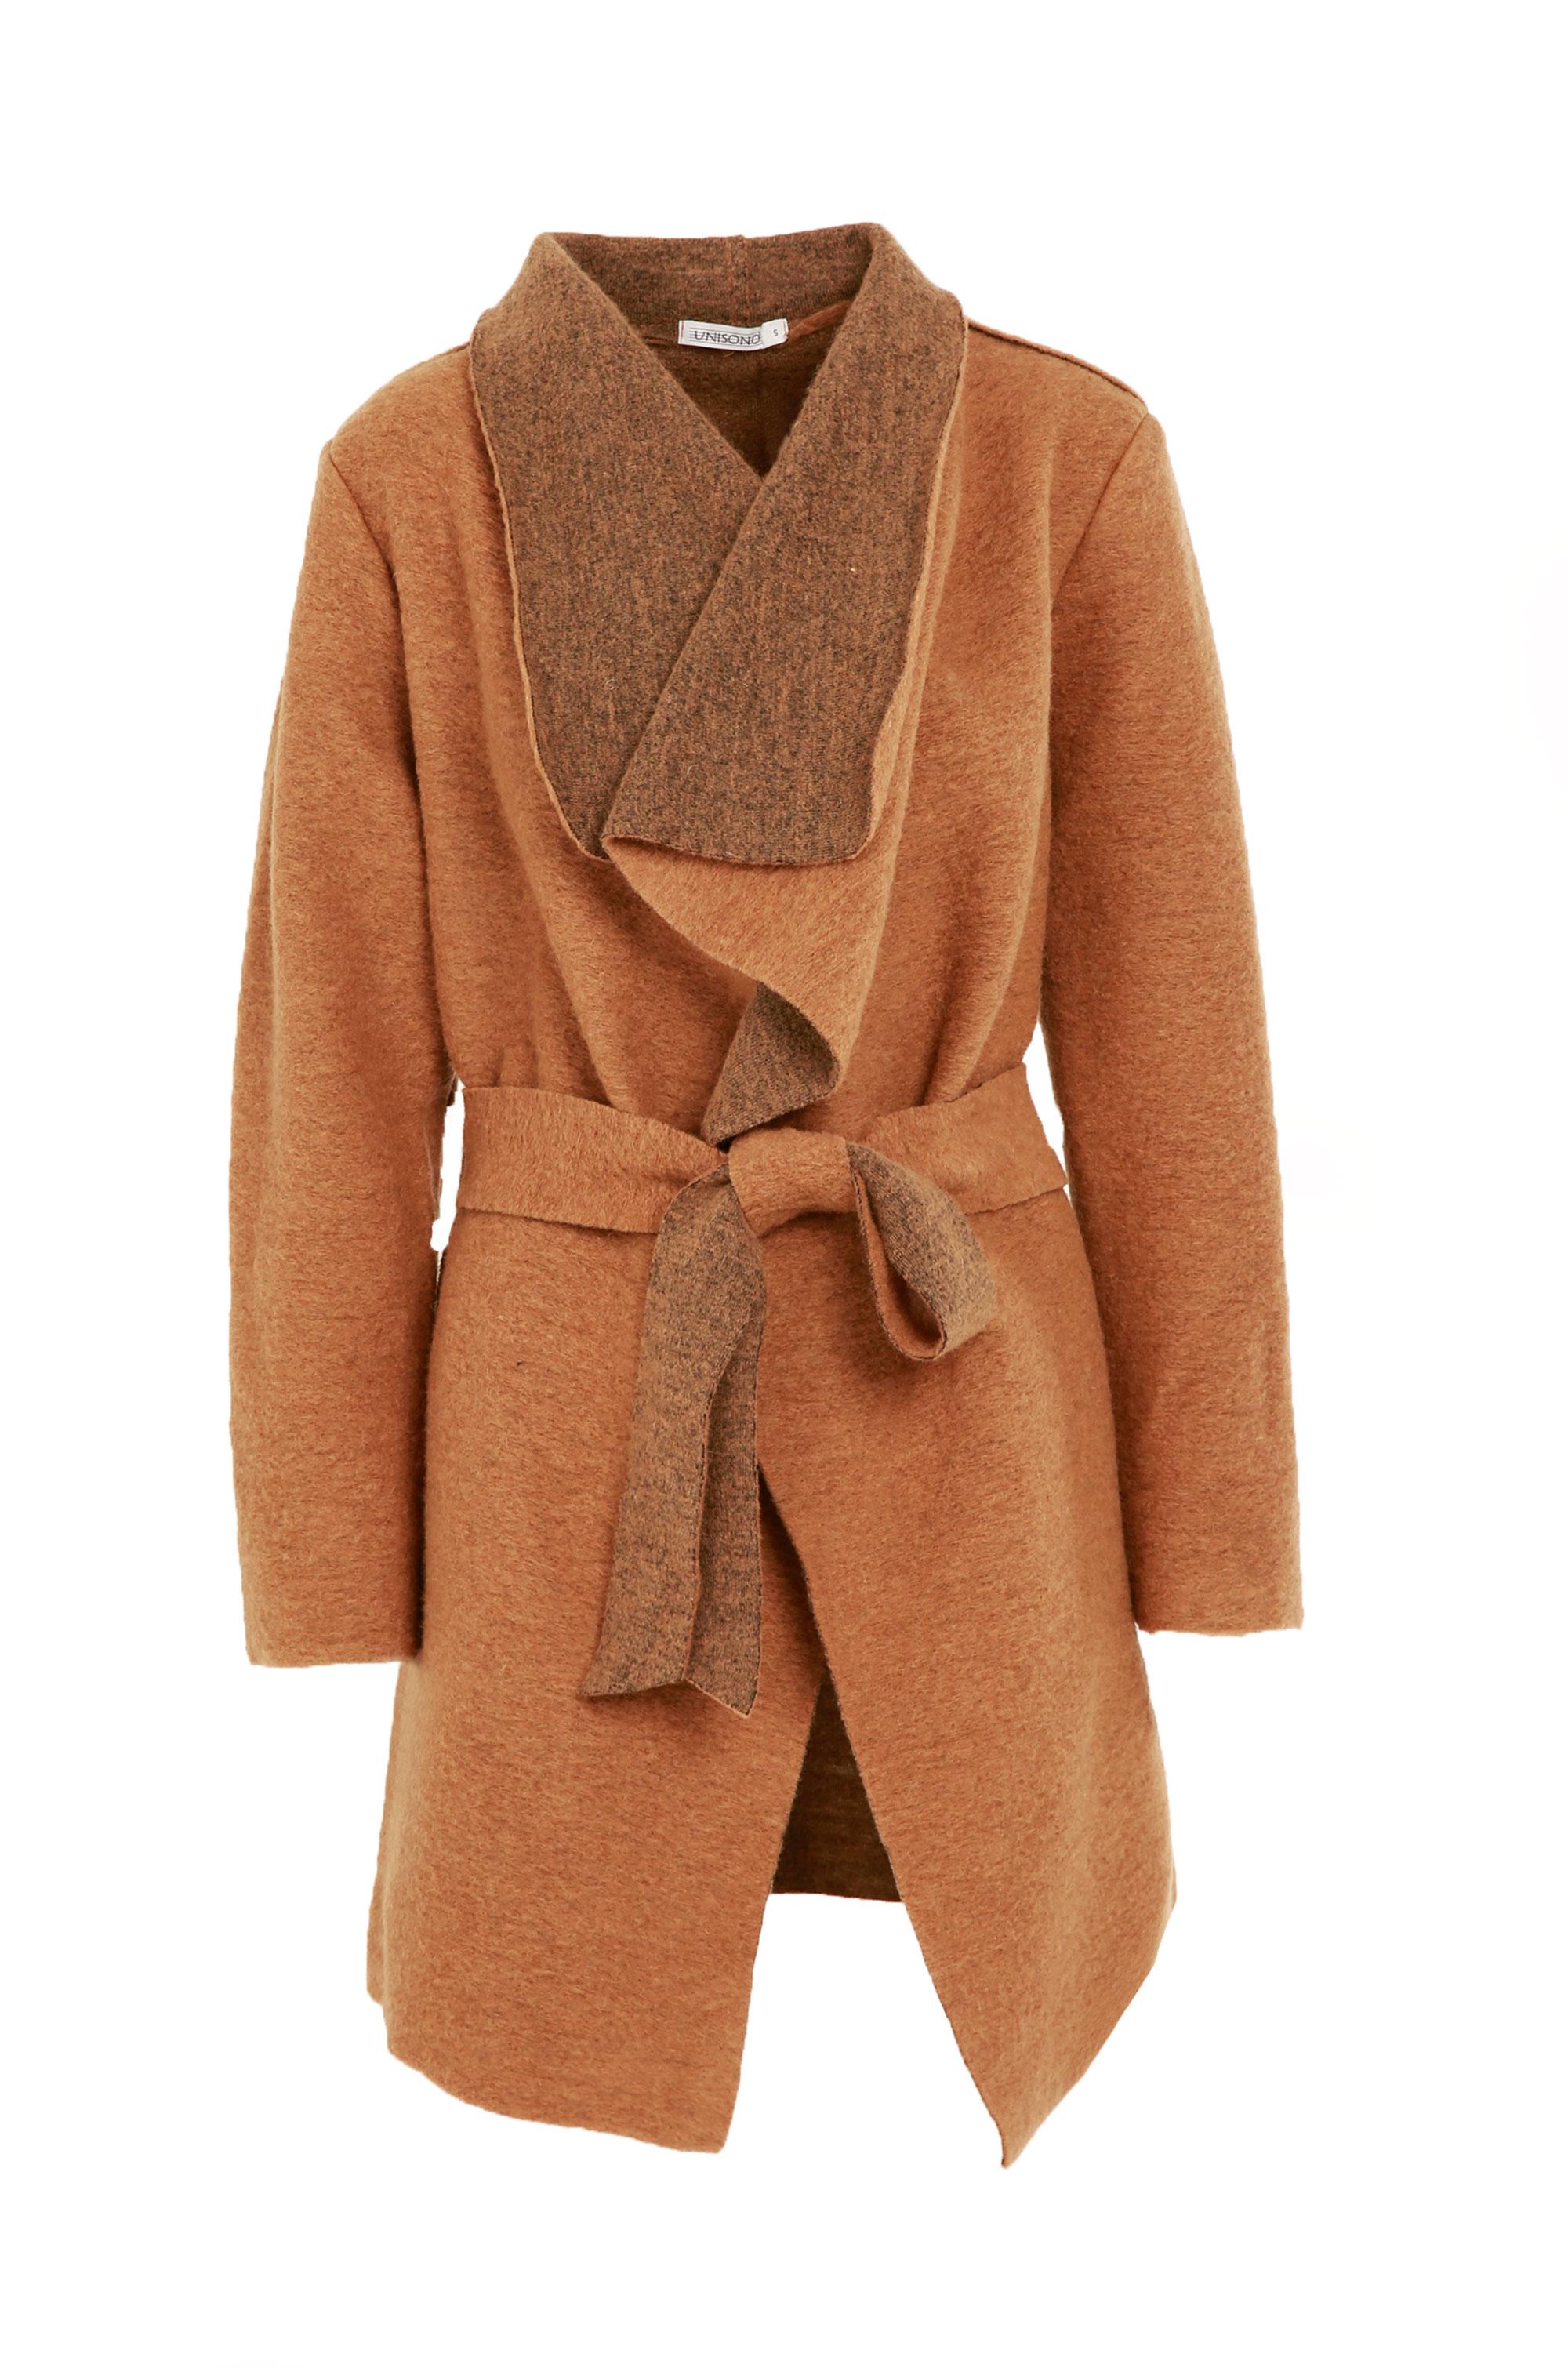 Płaszcz materiałowy - 18-1892 CAMEL - Unisono